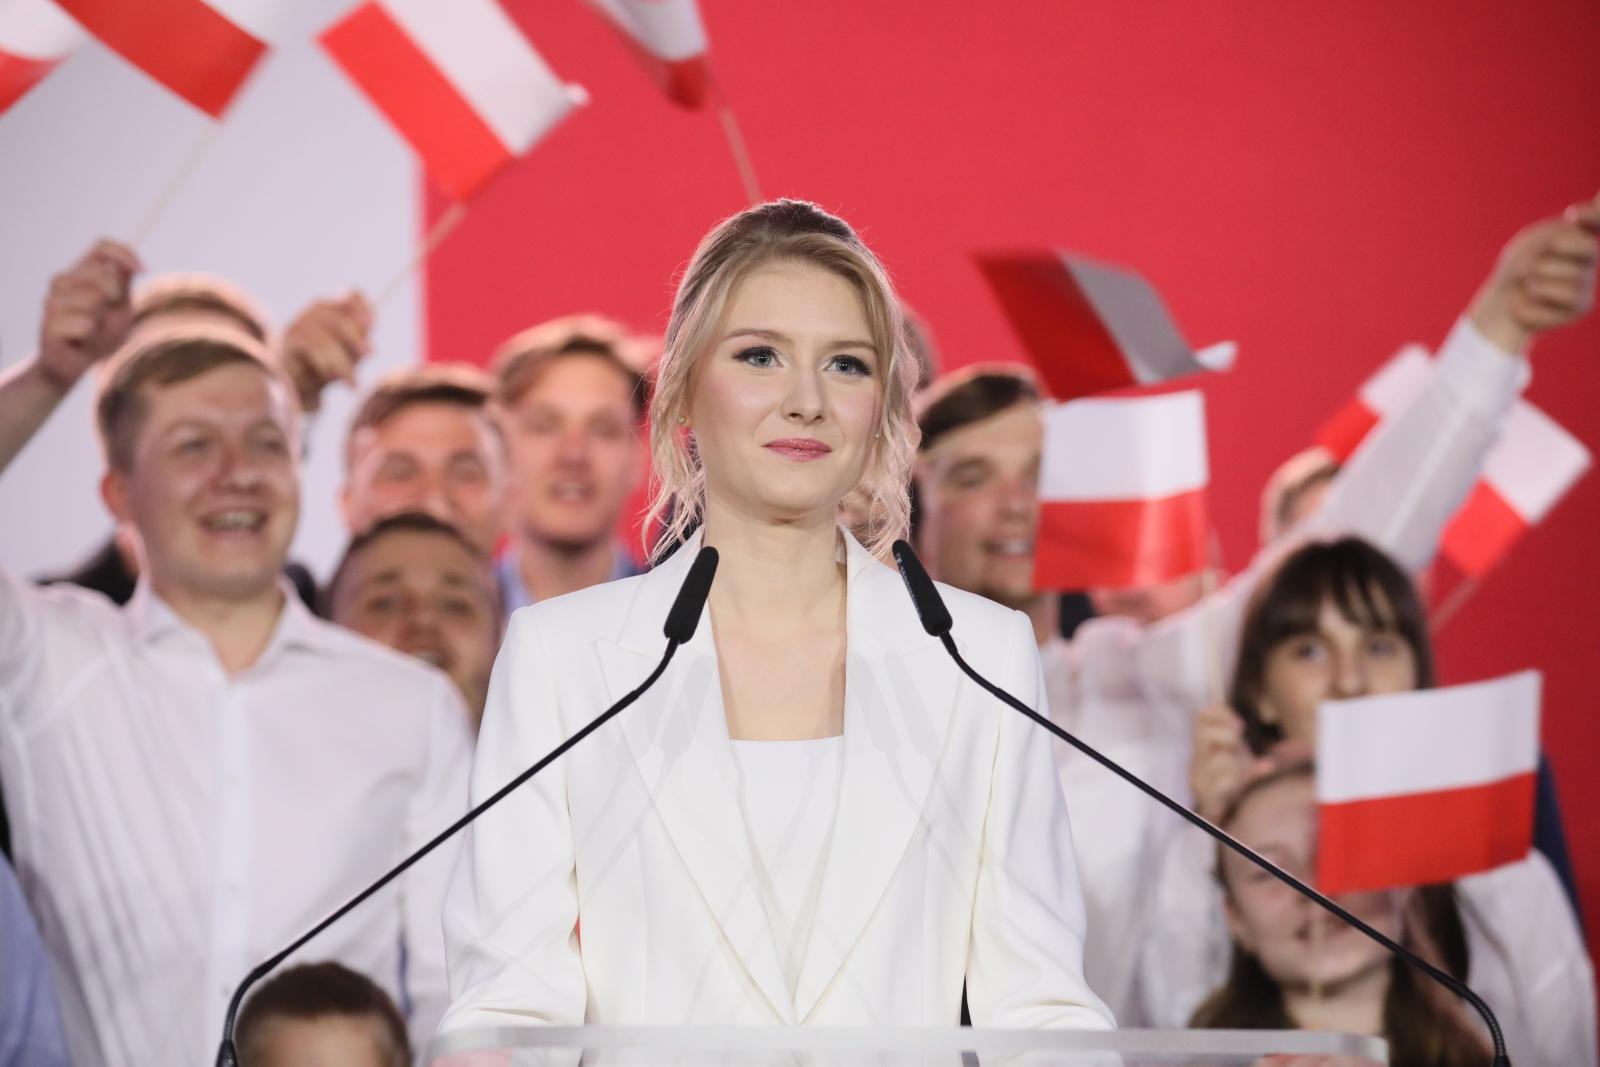 Photo of Vihart kavart a lengyel elnök lánya az elfogadásról szóló beszédével